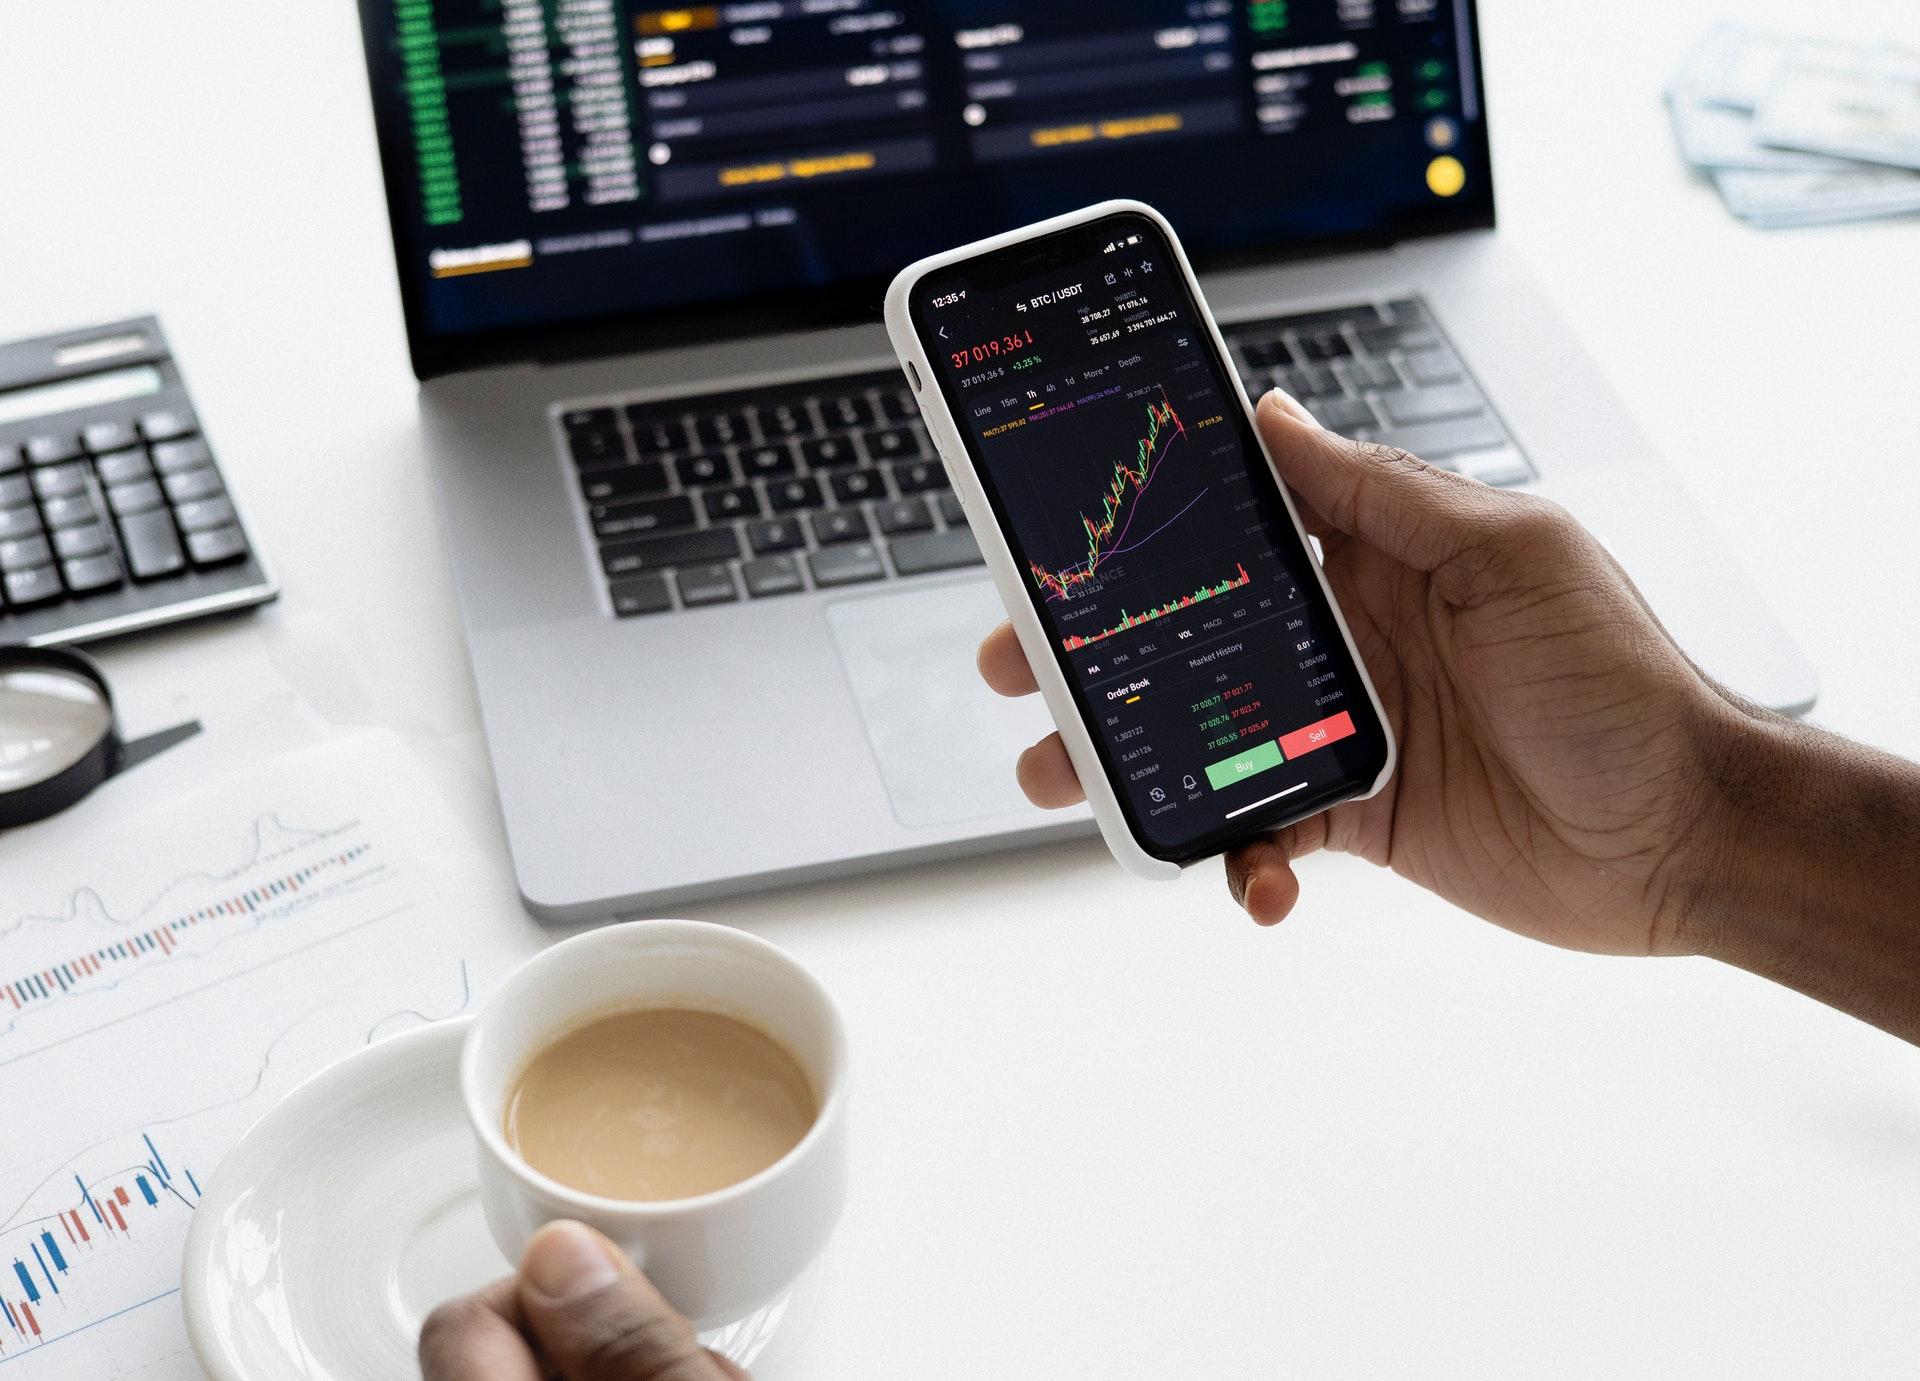 Aplikacje do zarabiania pieniędzy w 2020 roku